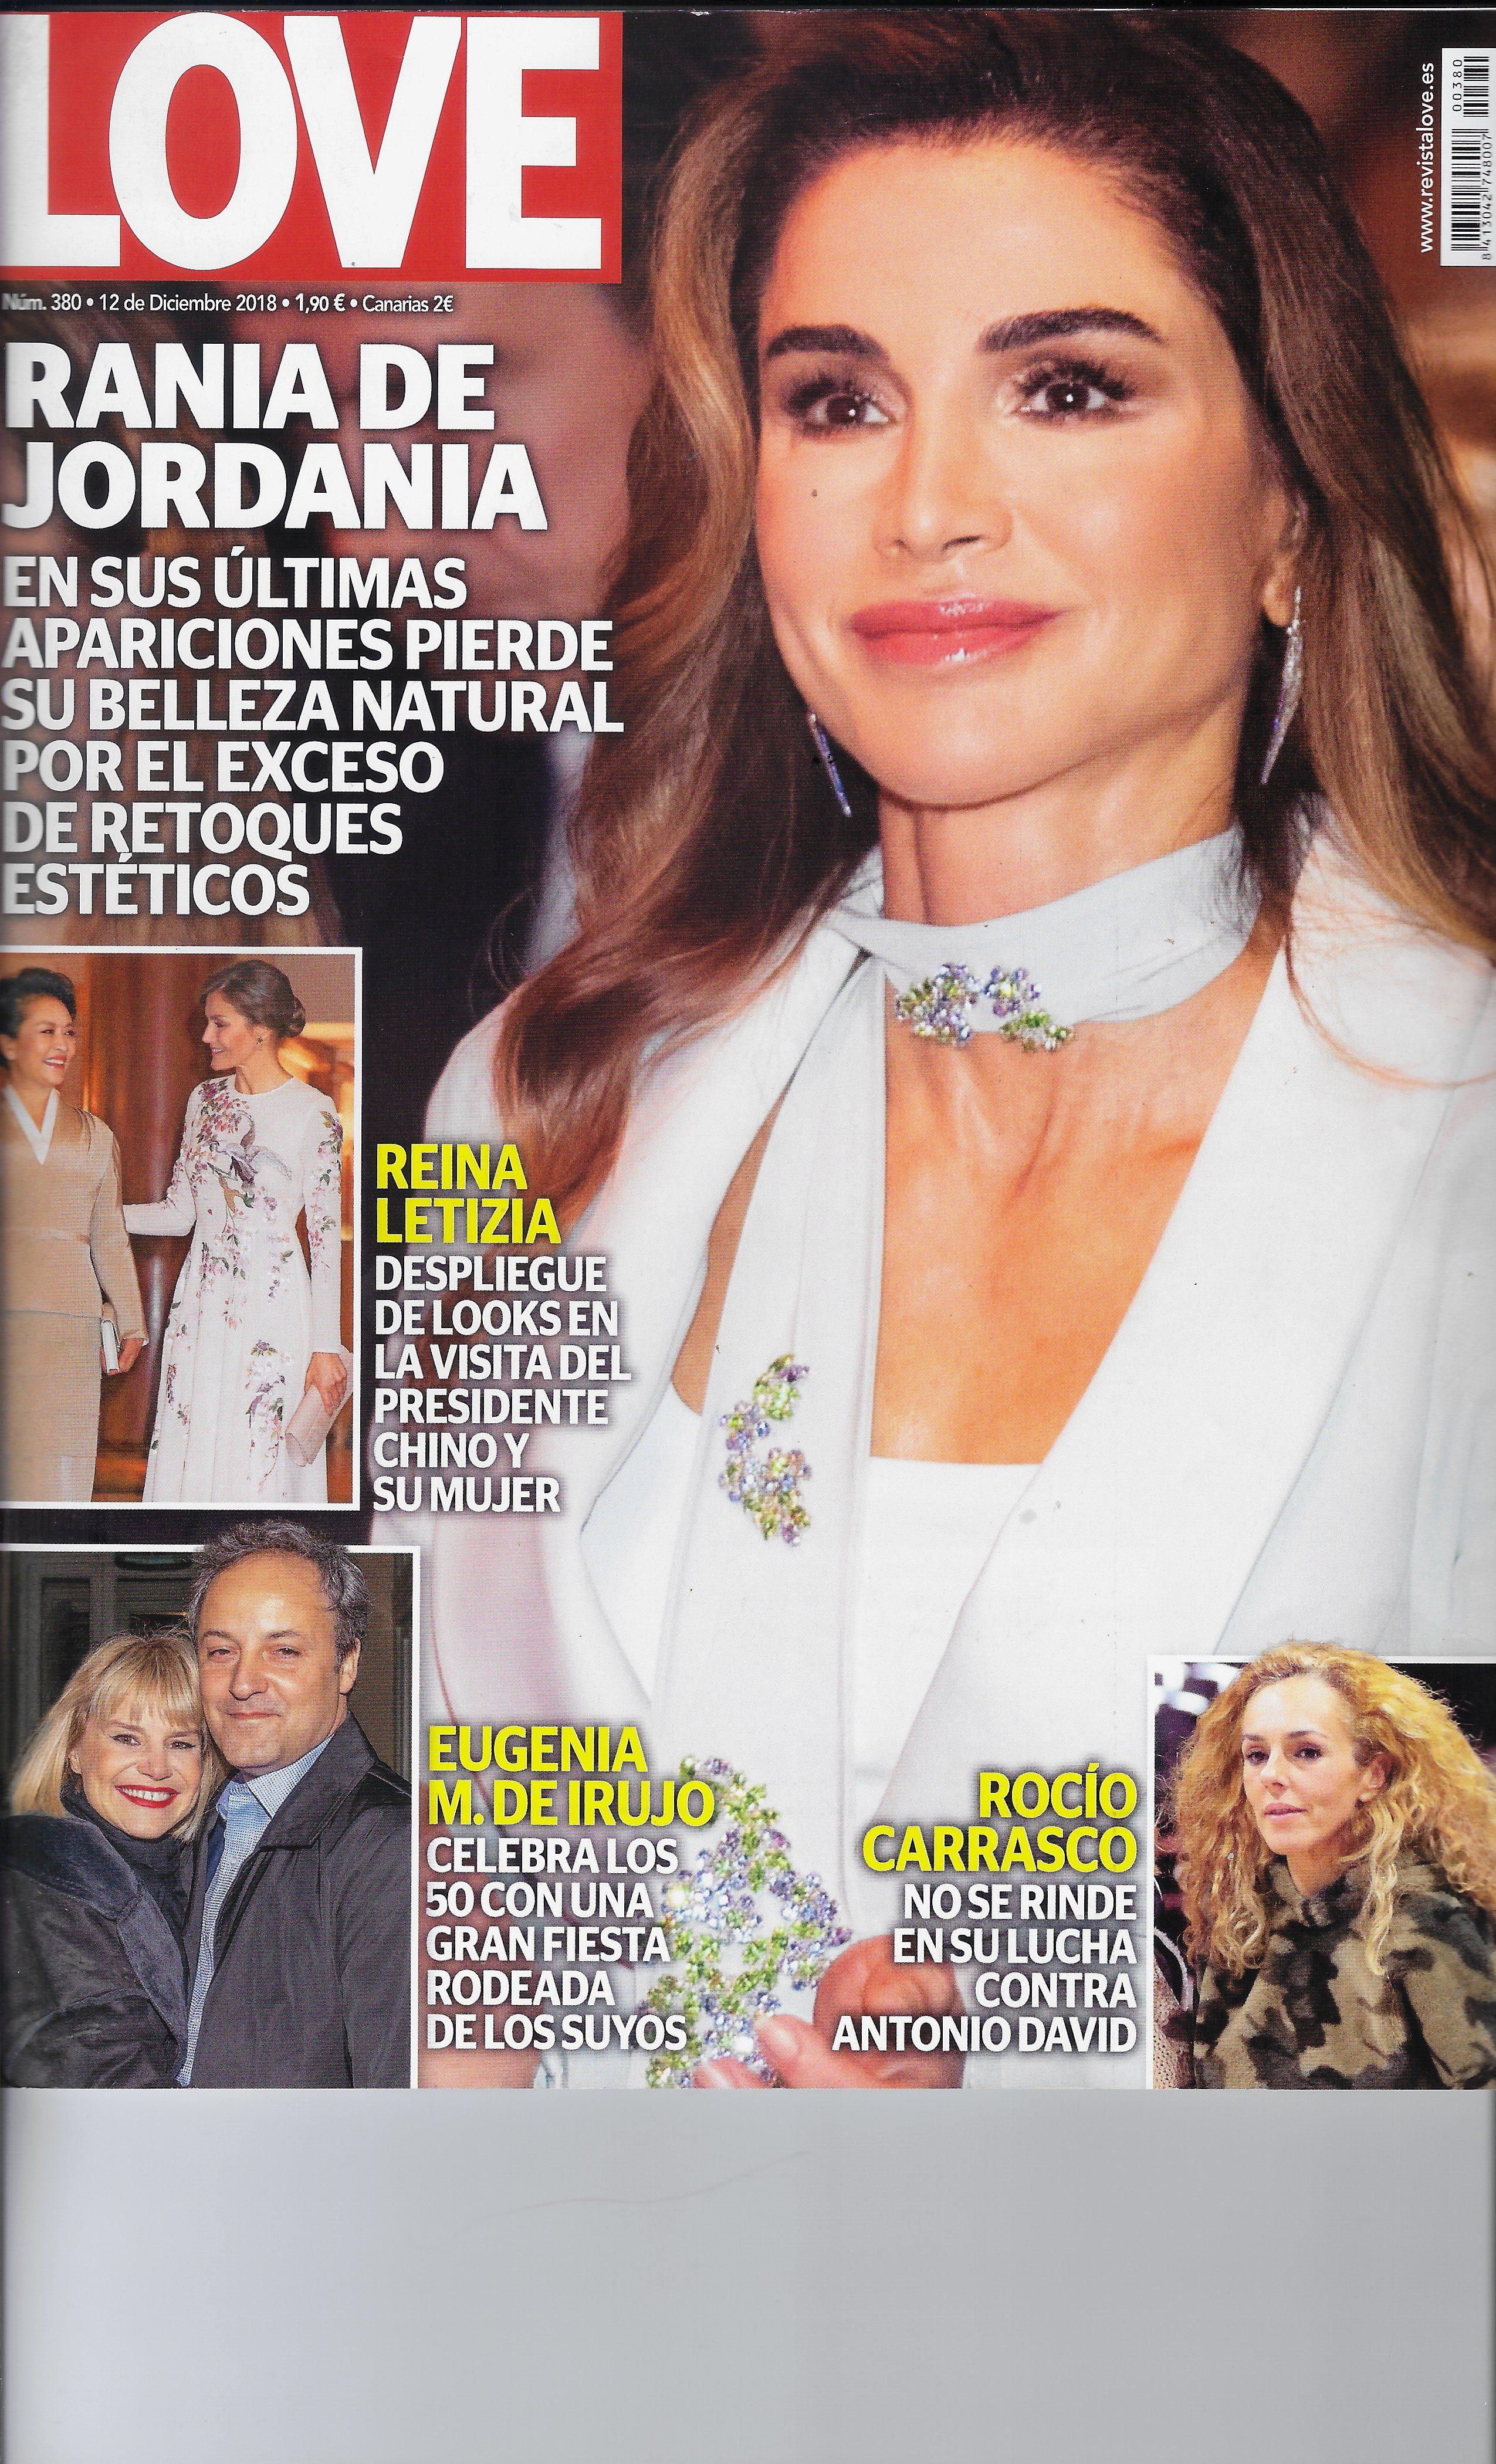 LOVE 12 de diciembre 2018 Rania de Jordania  María Serralta